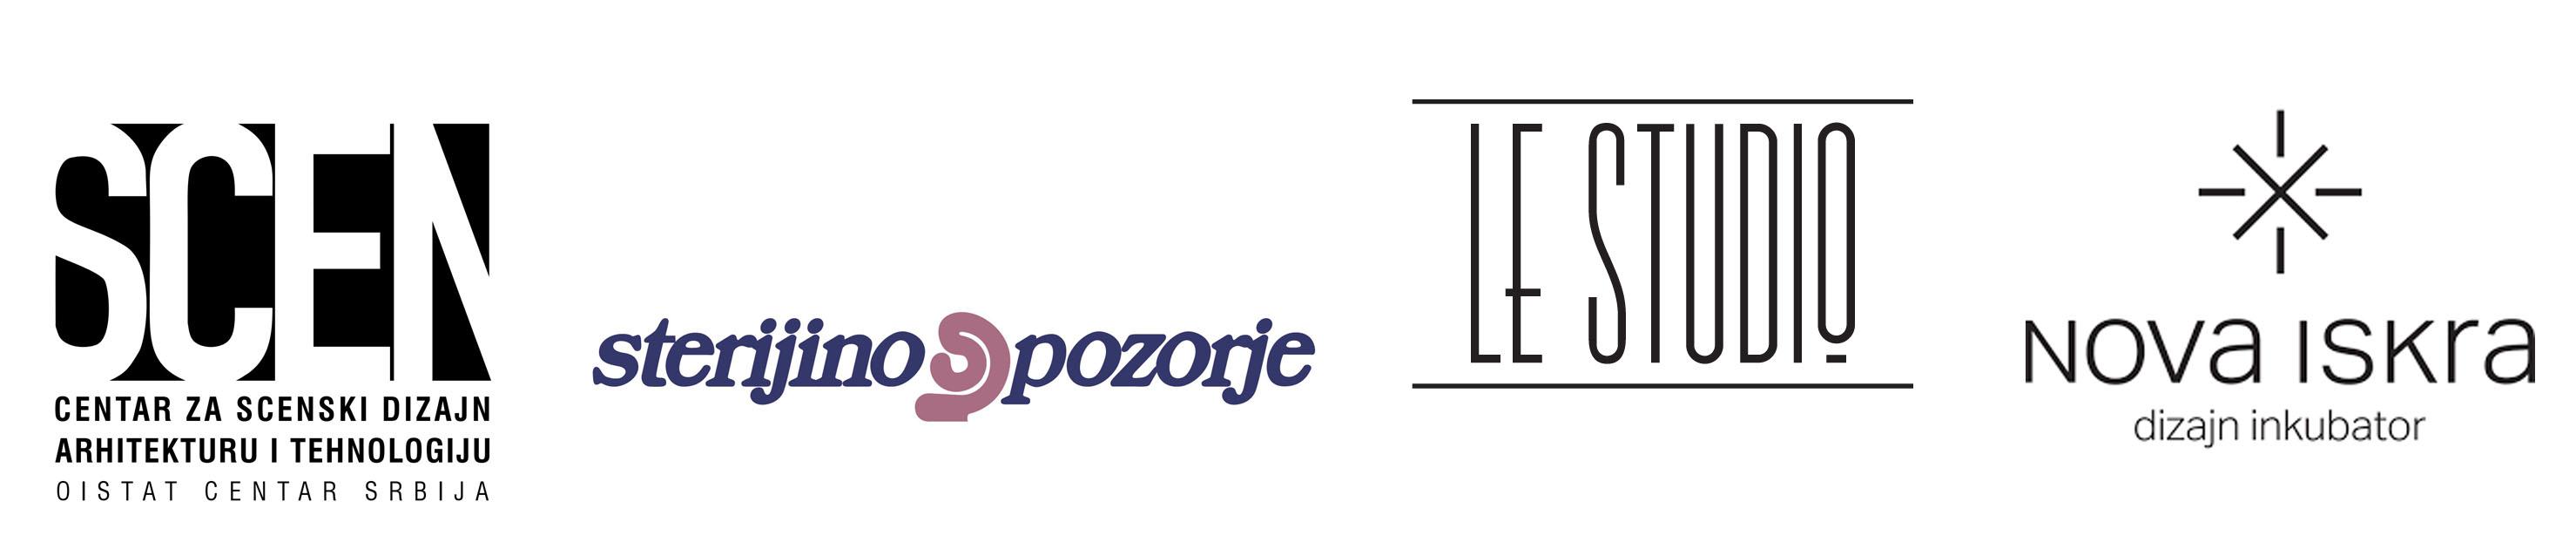 logo_scen_pozorje_lestudio_novaiskra